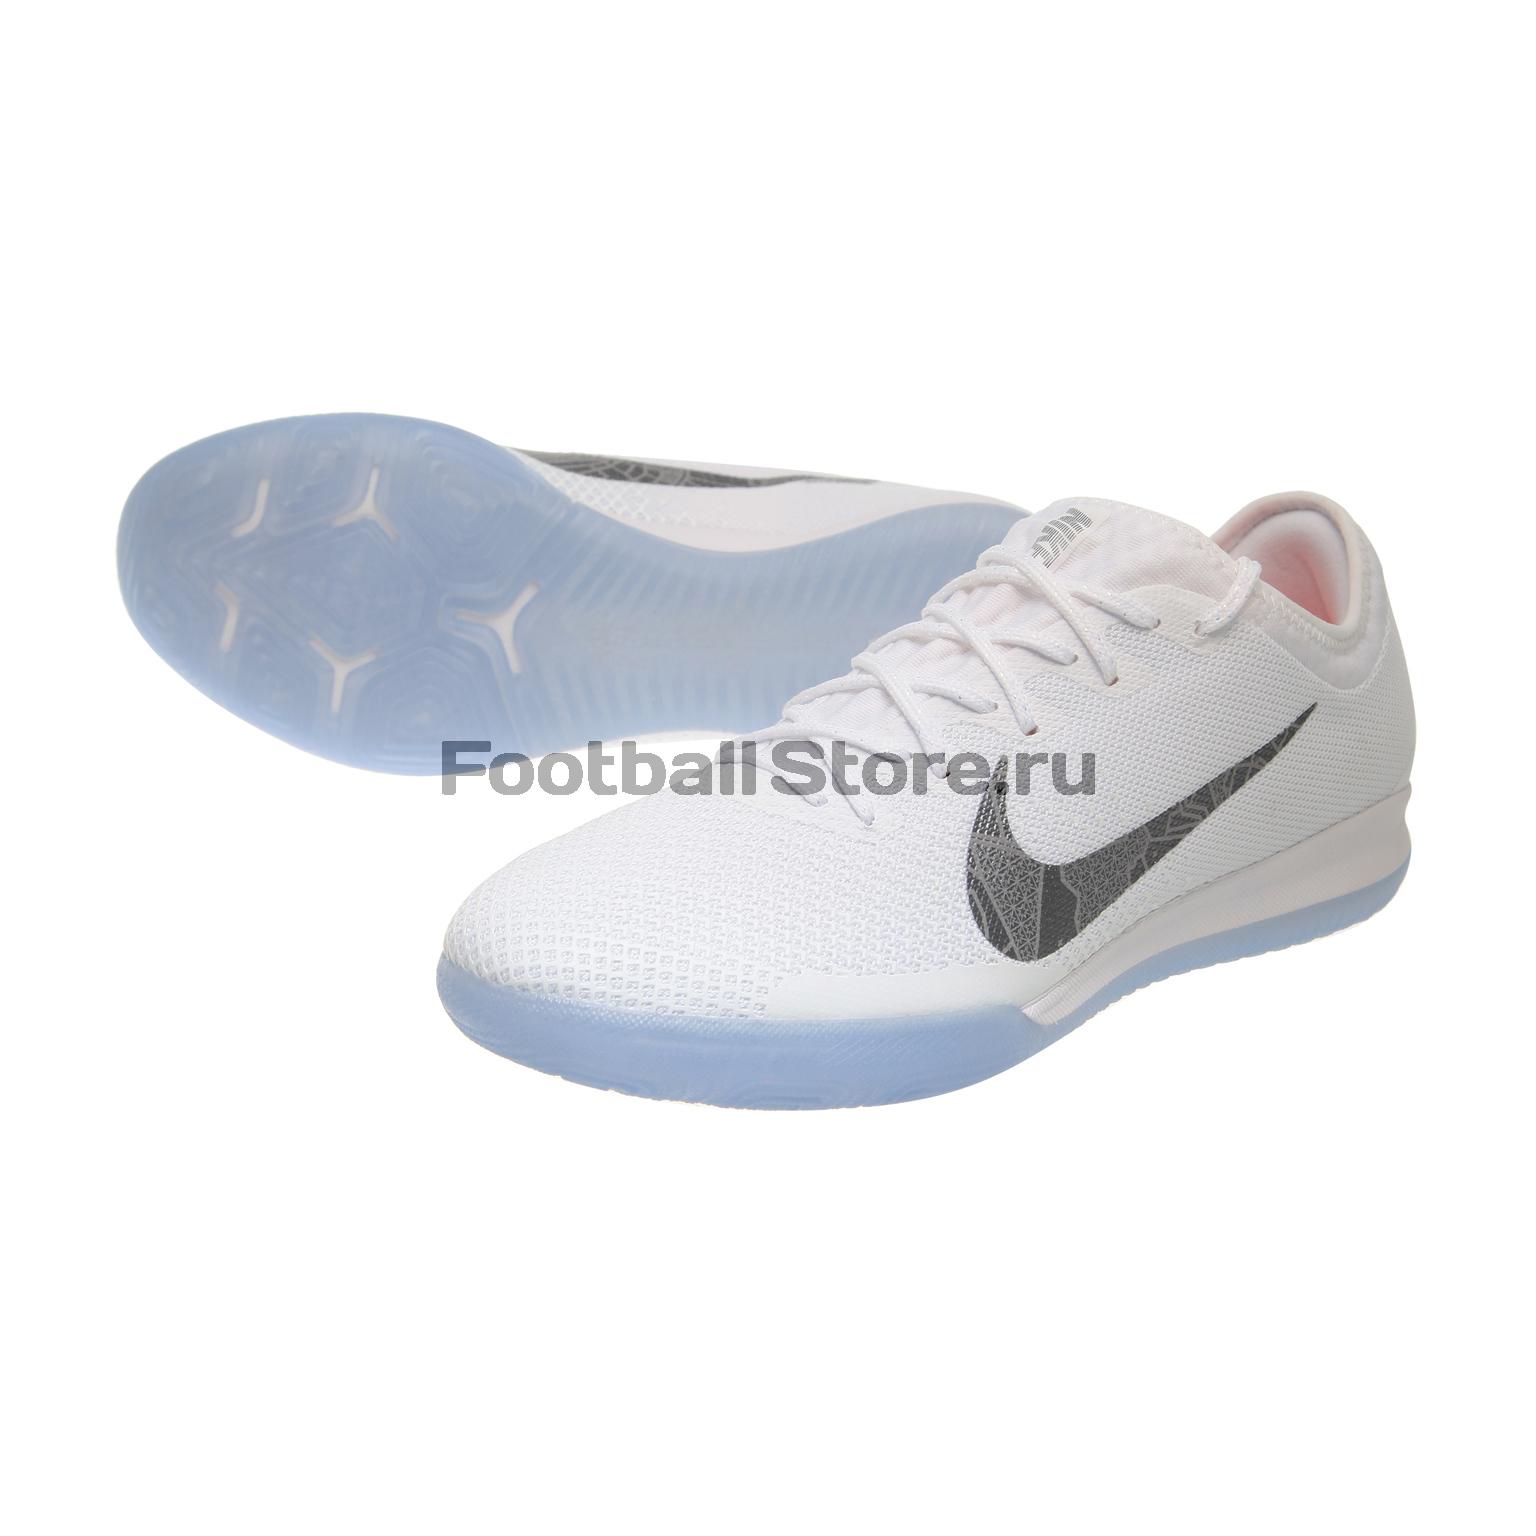 Обувь для зала Nike VaporX 12 Pro IC AH7387-107 клюшка для гольфа nike vapor pro 2015